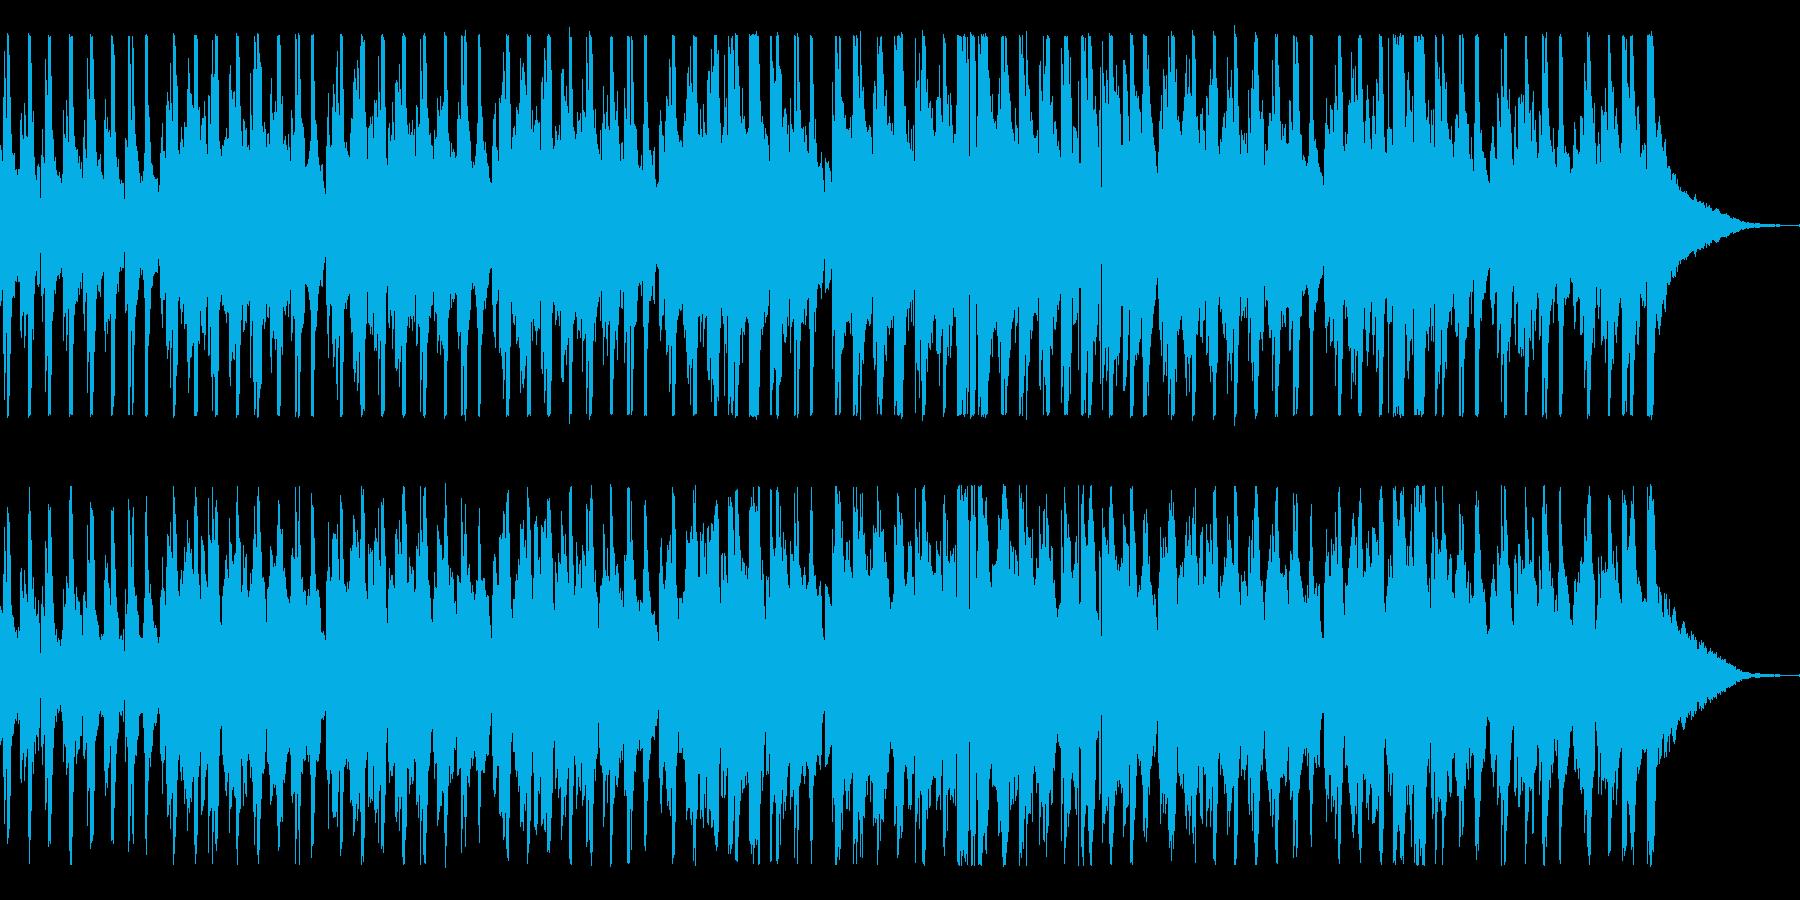 ガットギターの生演奏にバイオリン系音源…の再生済みの波形